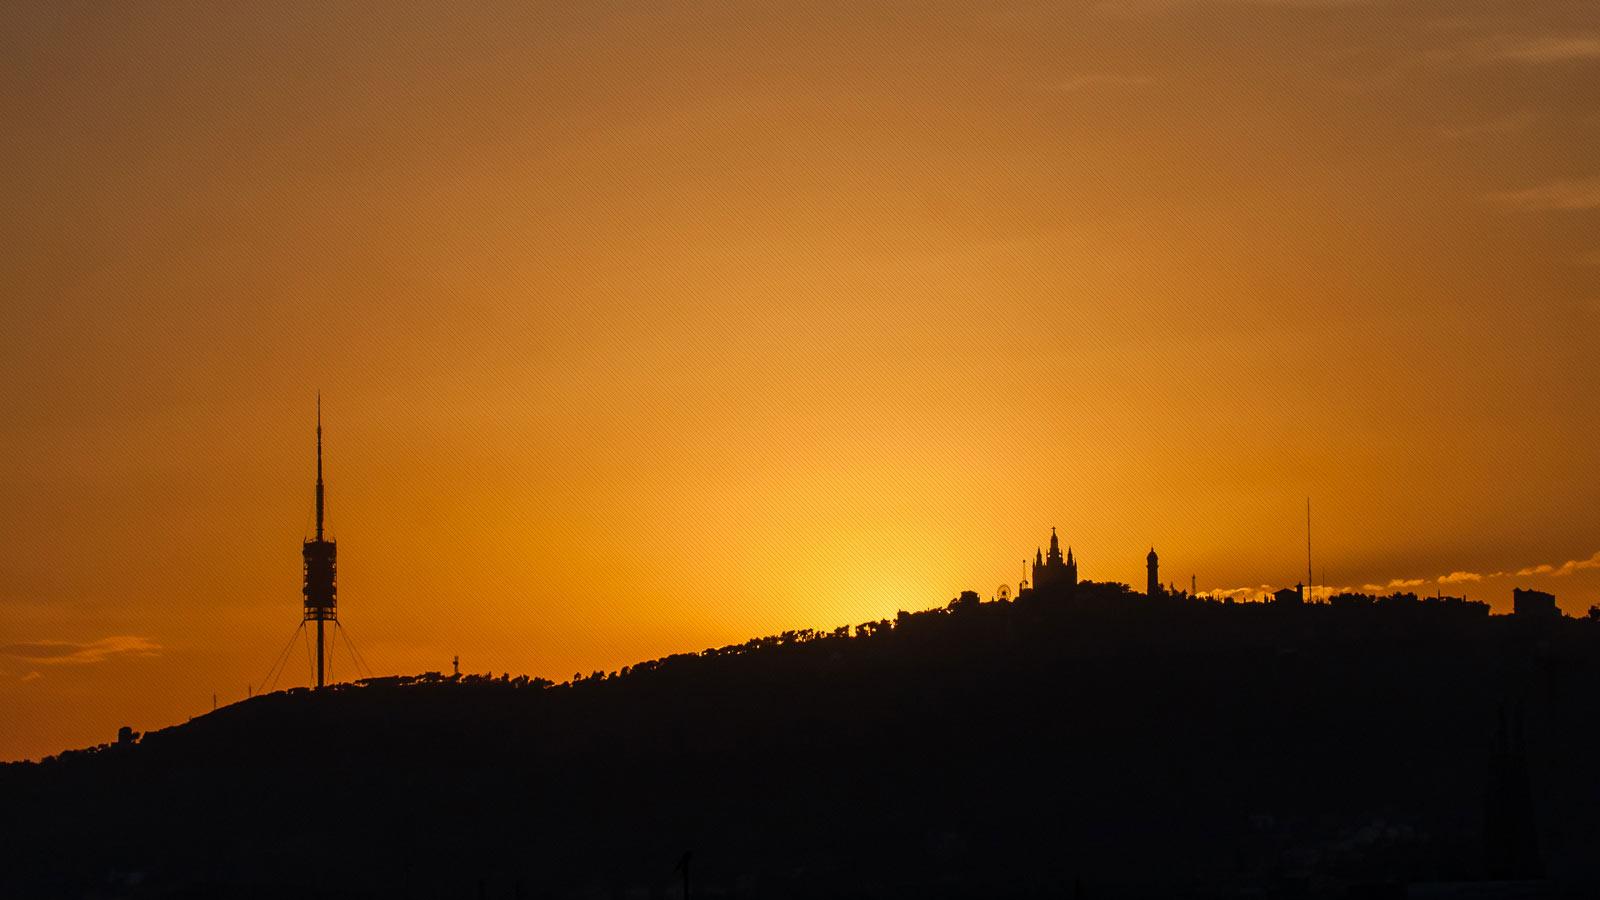 vista montaña tibidabo con la puesta de sol